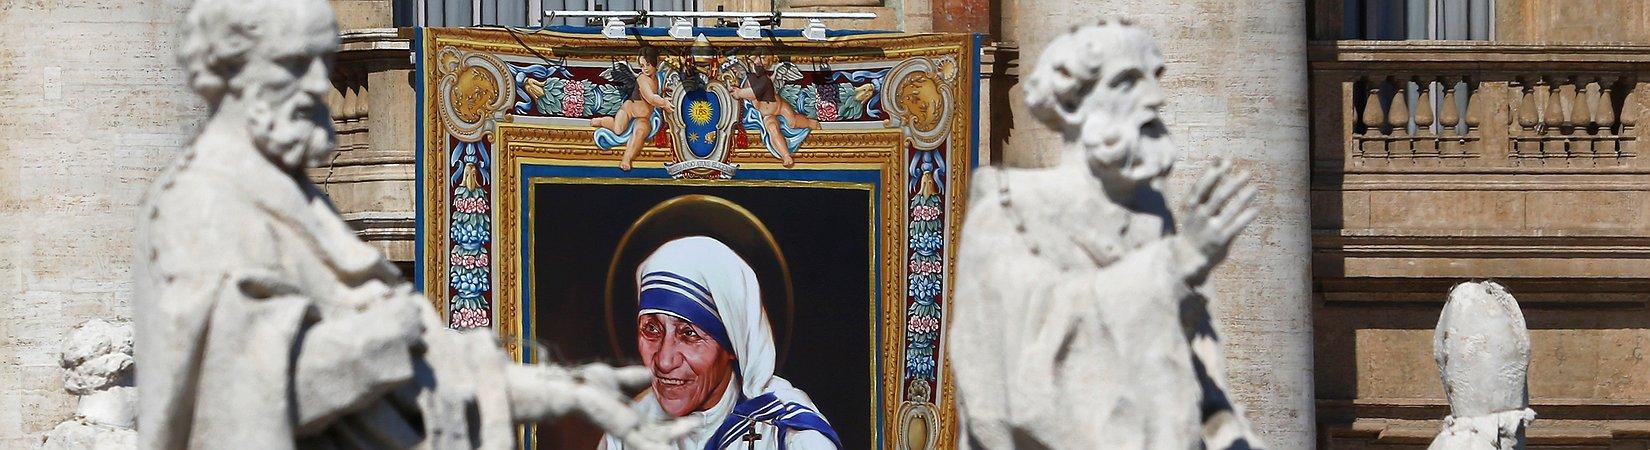 Mutter Theresa wurde heilig gesprochen